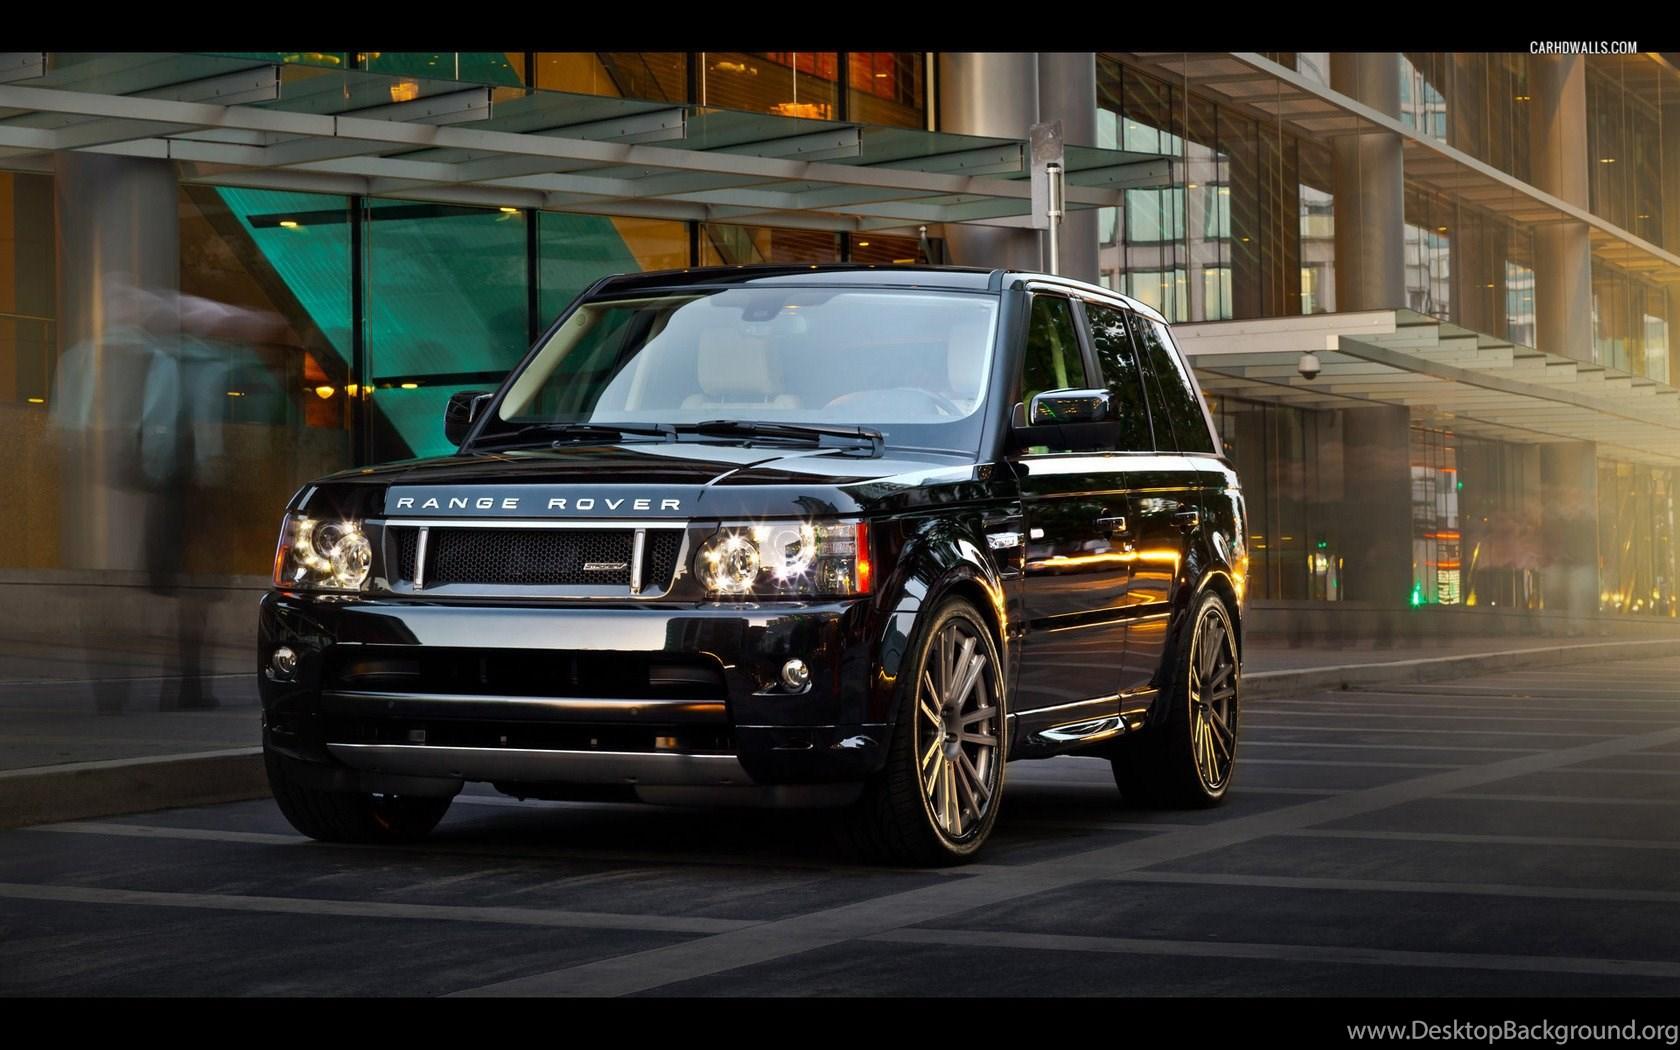 Range Rover Wallpapers Desktop Background